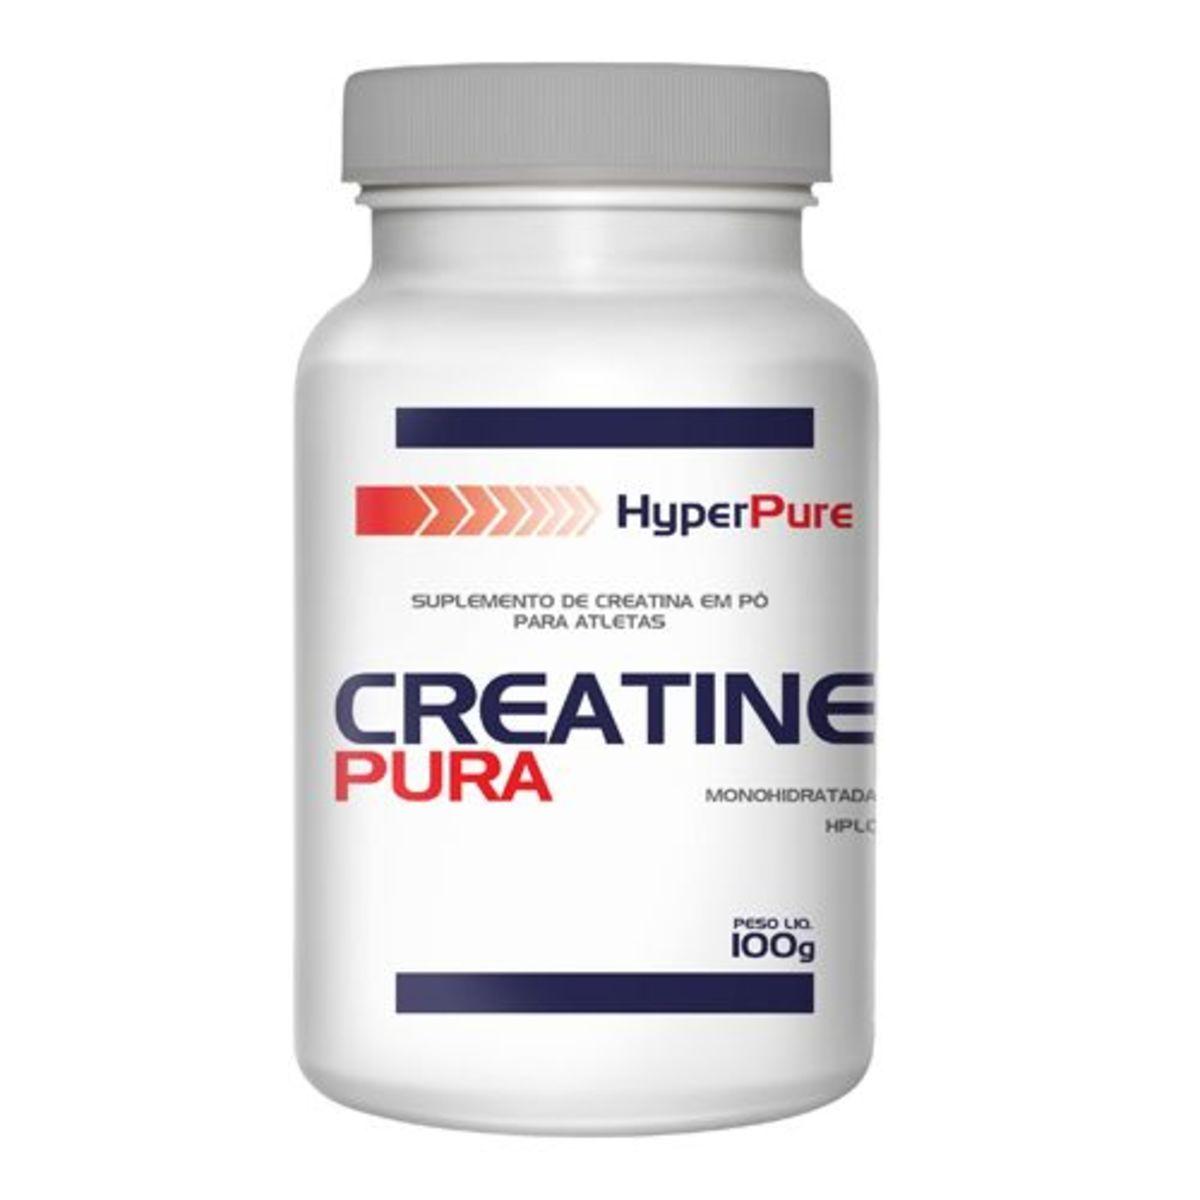 Creatine Pura - 100g - HyperPure